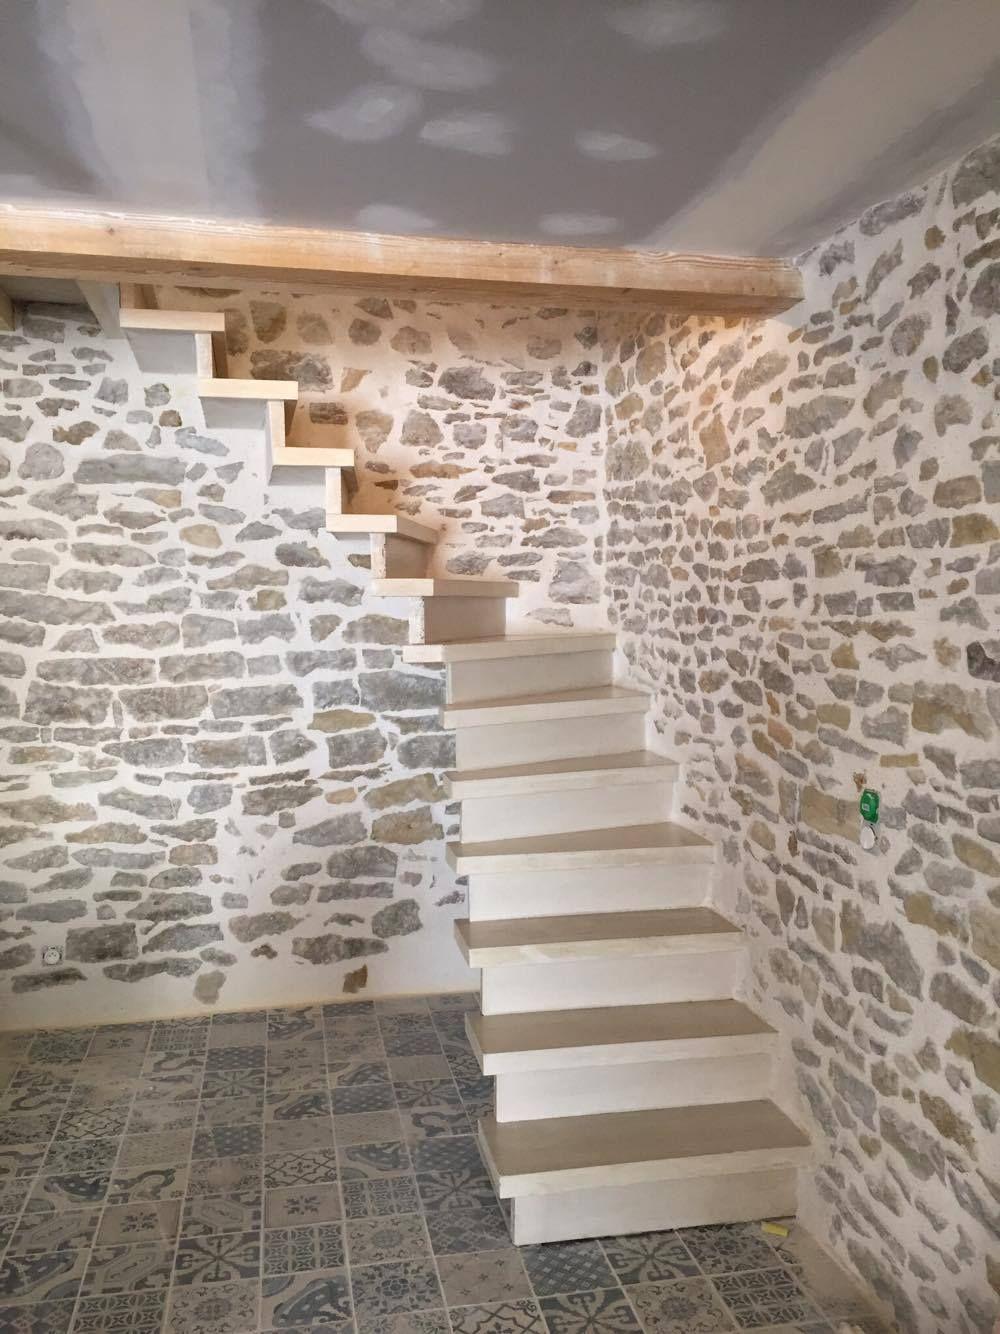 Escalier Béton Teinté Beige   Nez De Marche Carré   1/4 Tournant